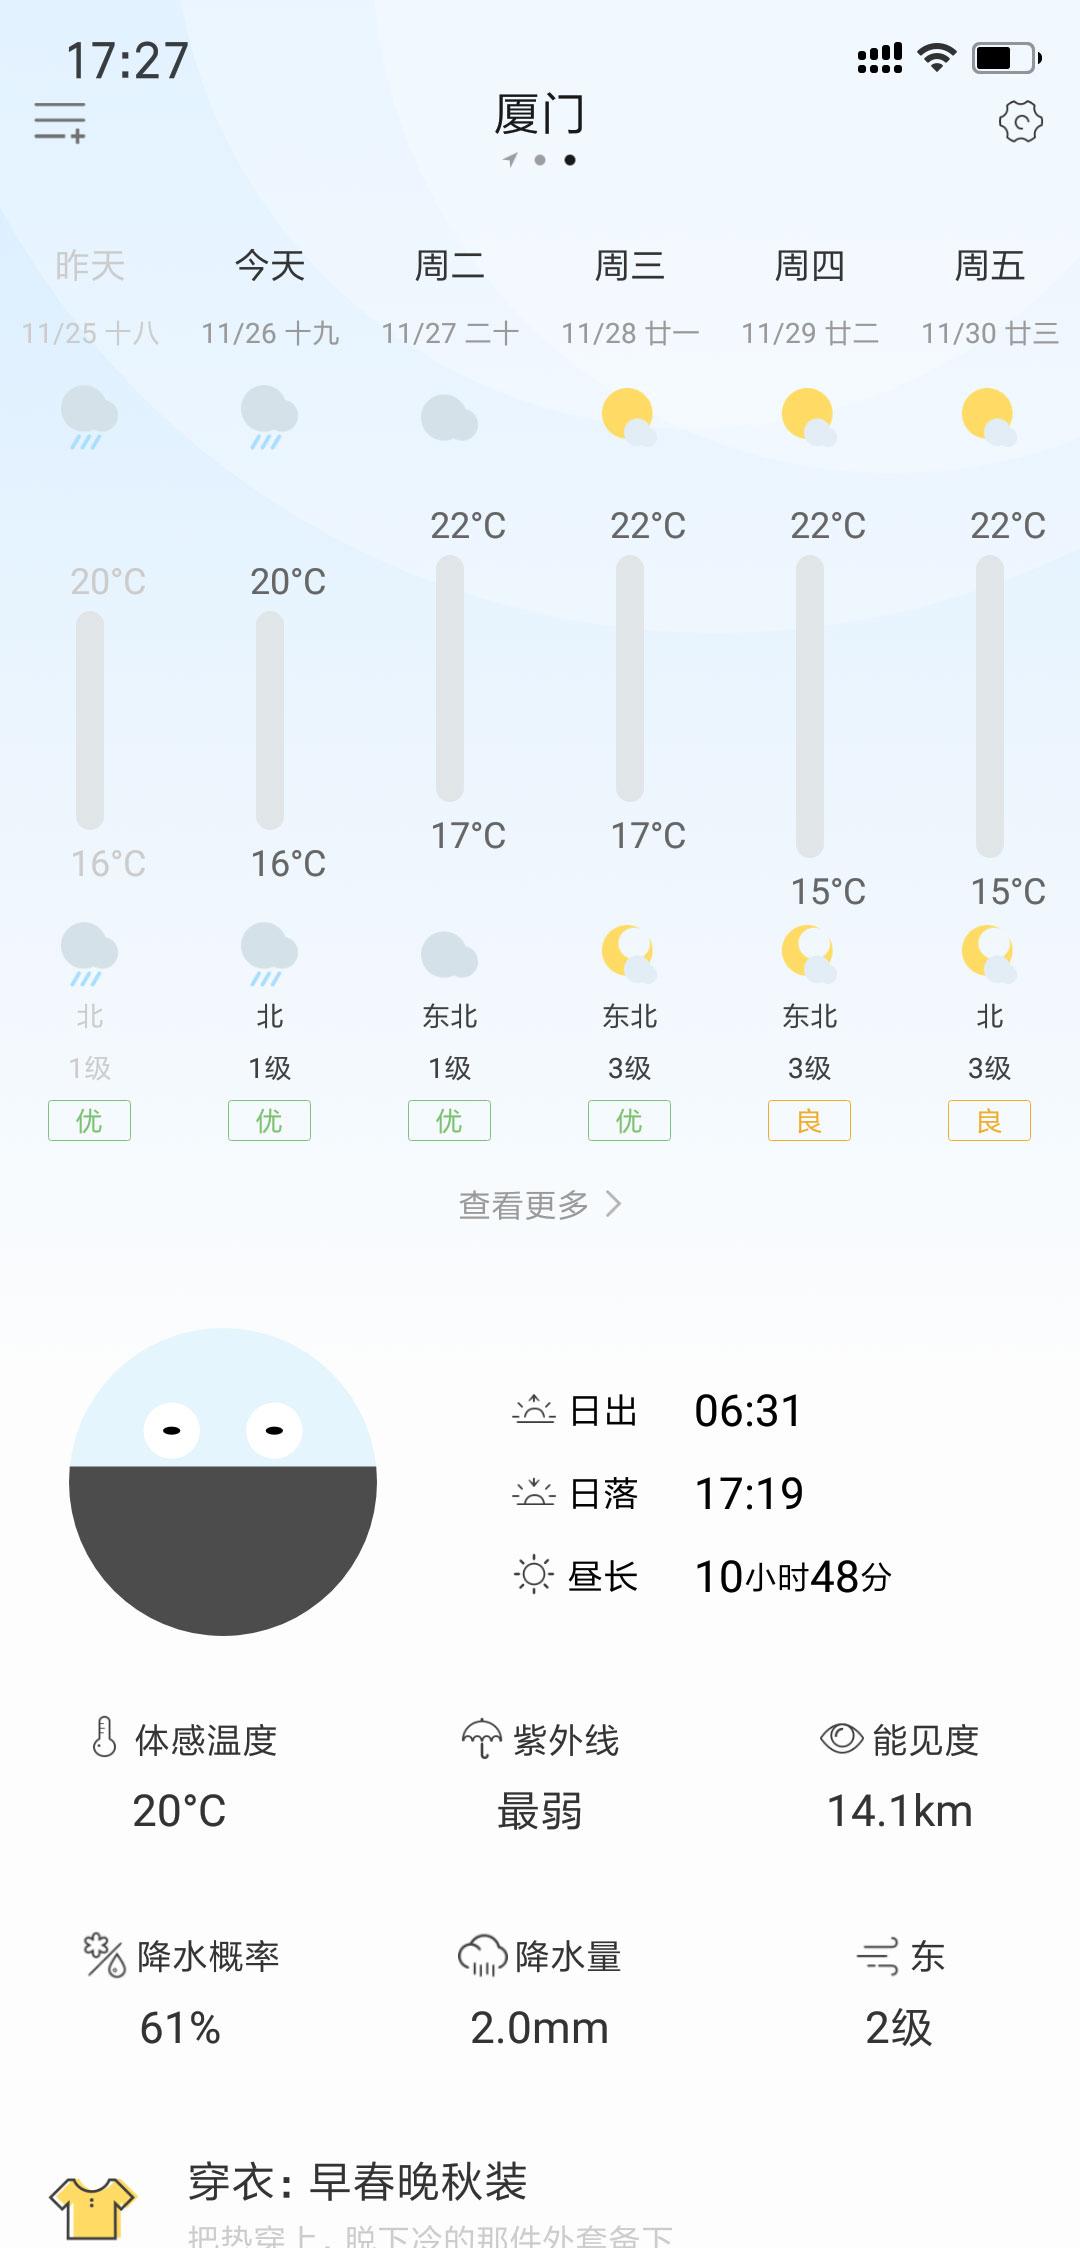 【资源分享】晓天气-爱小助